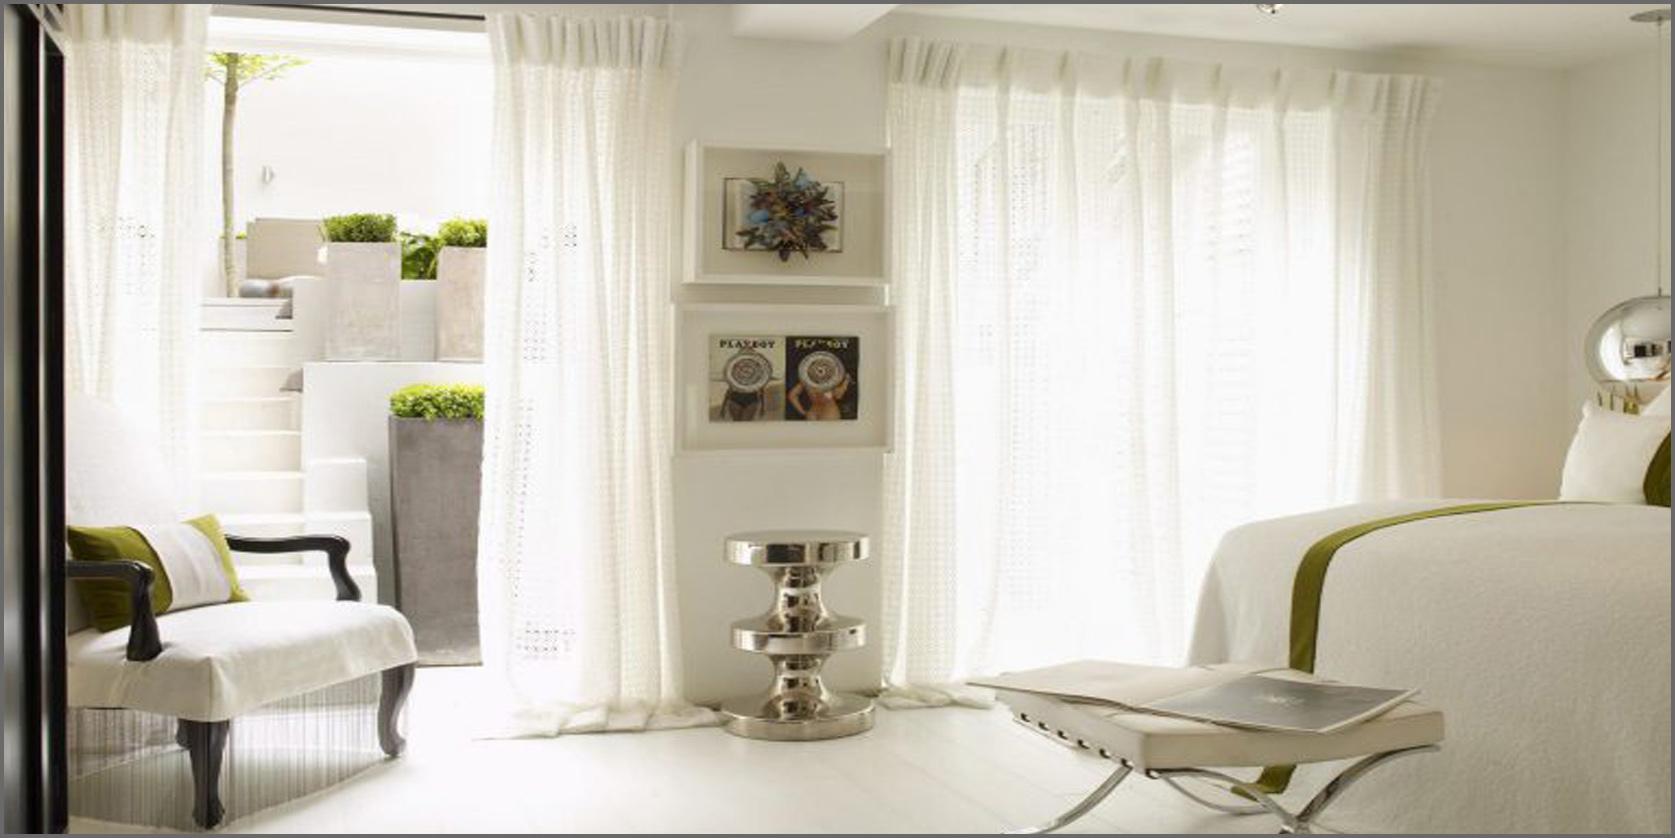 illuminare una stanza buia con tende e colori chiari